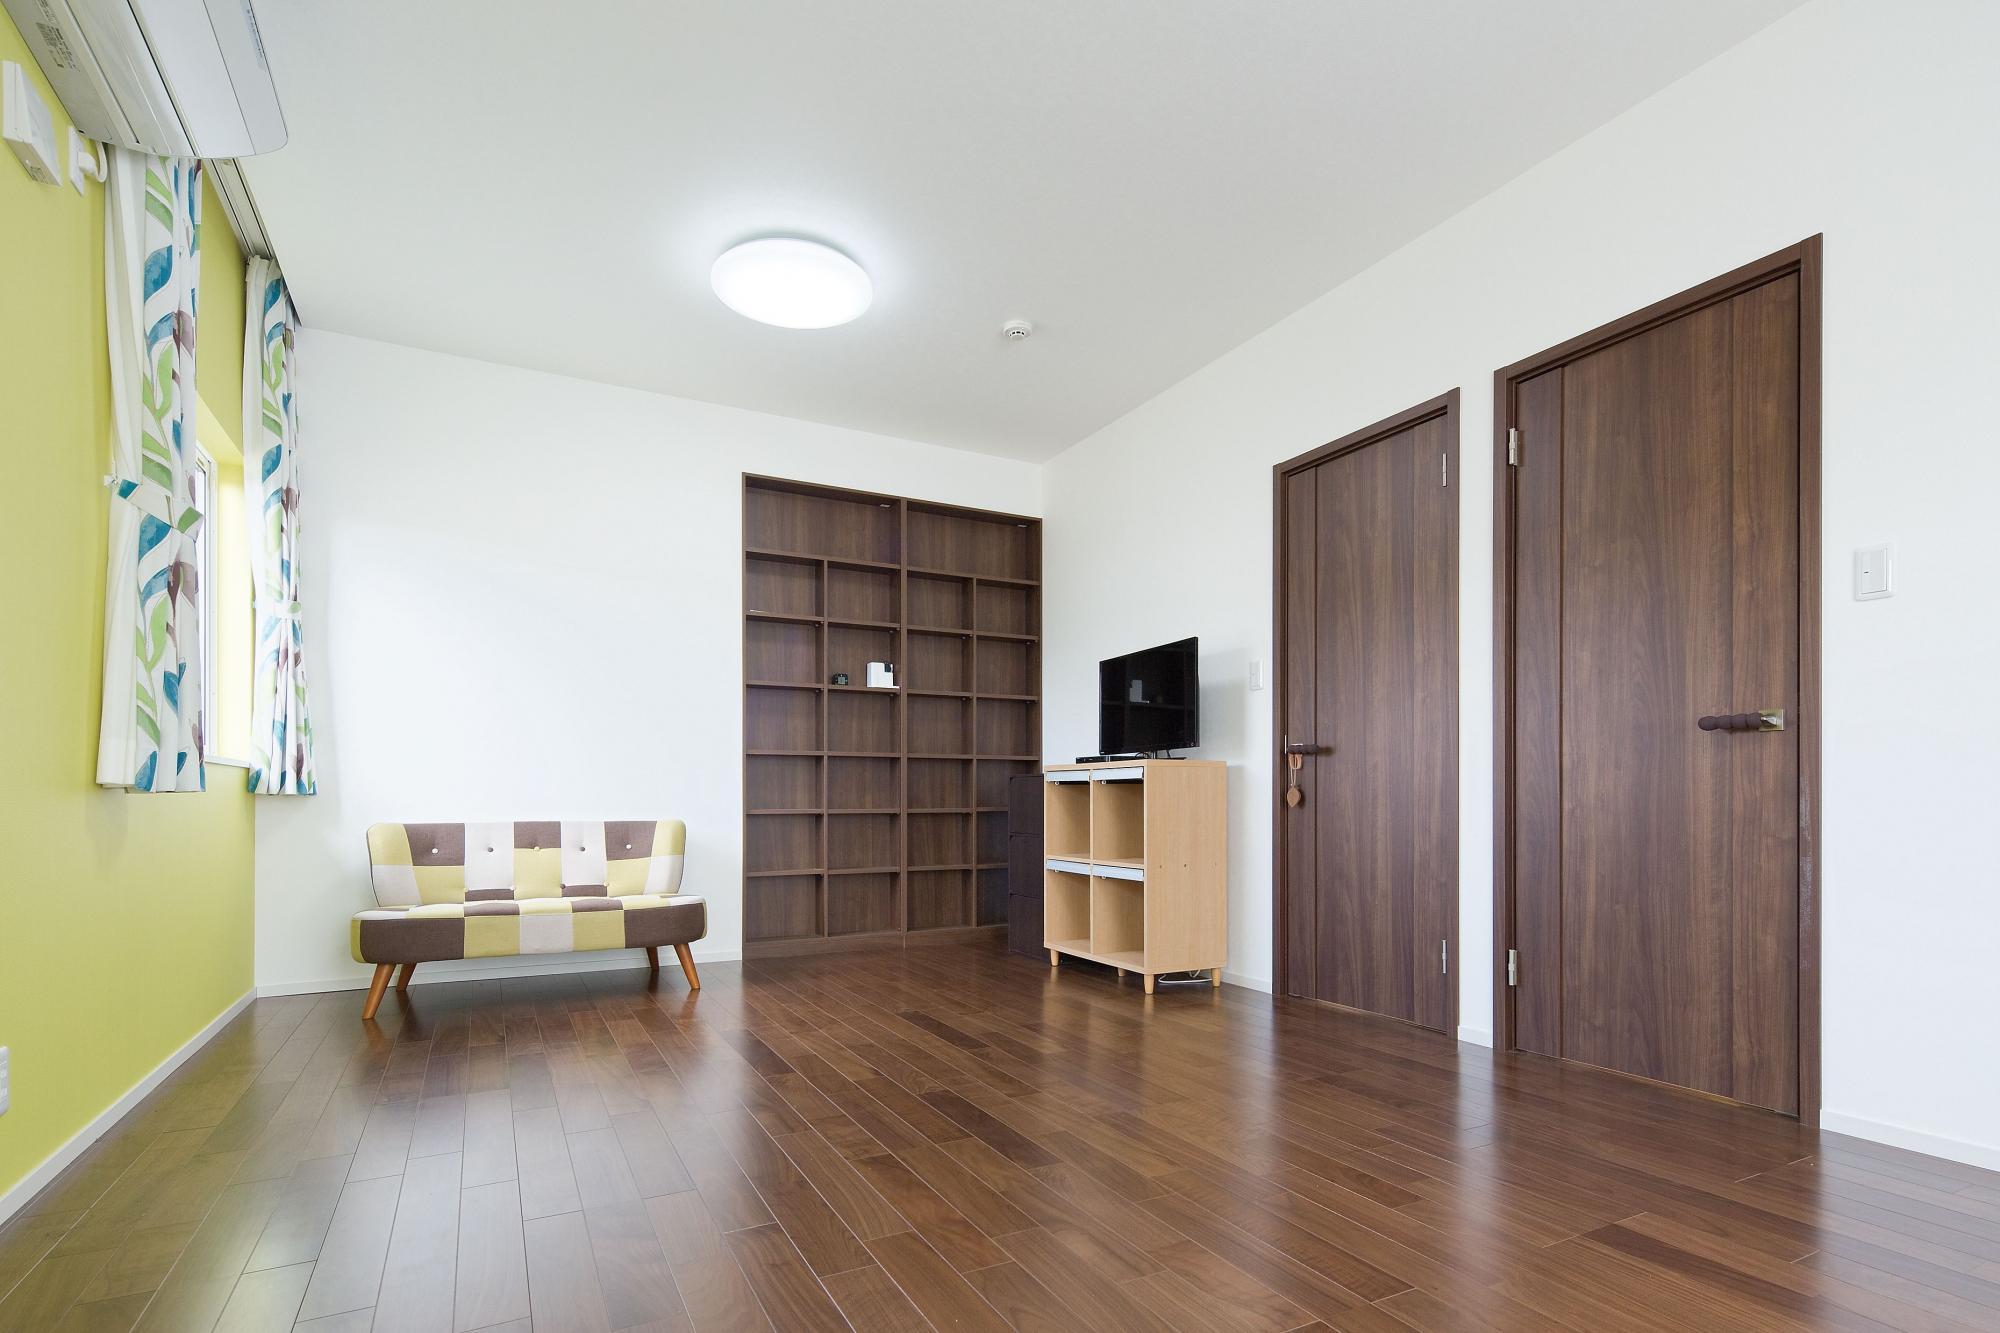 本棚は造作し、イエローの壁をアクセントにした子供部屋。将来間仕切りを付けて二人のお子様がそれぞれの部屋として使えるように2ドアに。玄関からリビングを通って必ず両親と顔をあわせることができる動線を考えた。